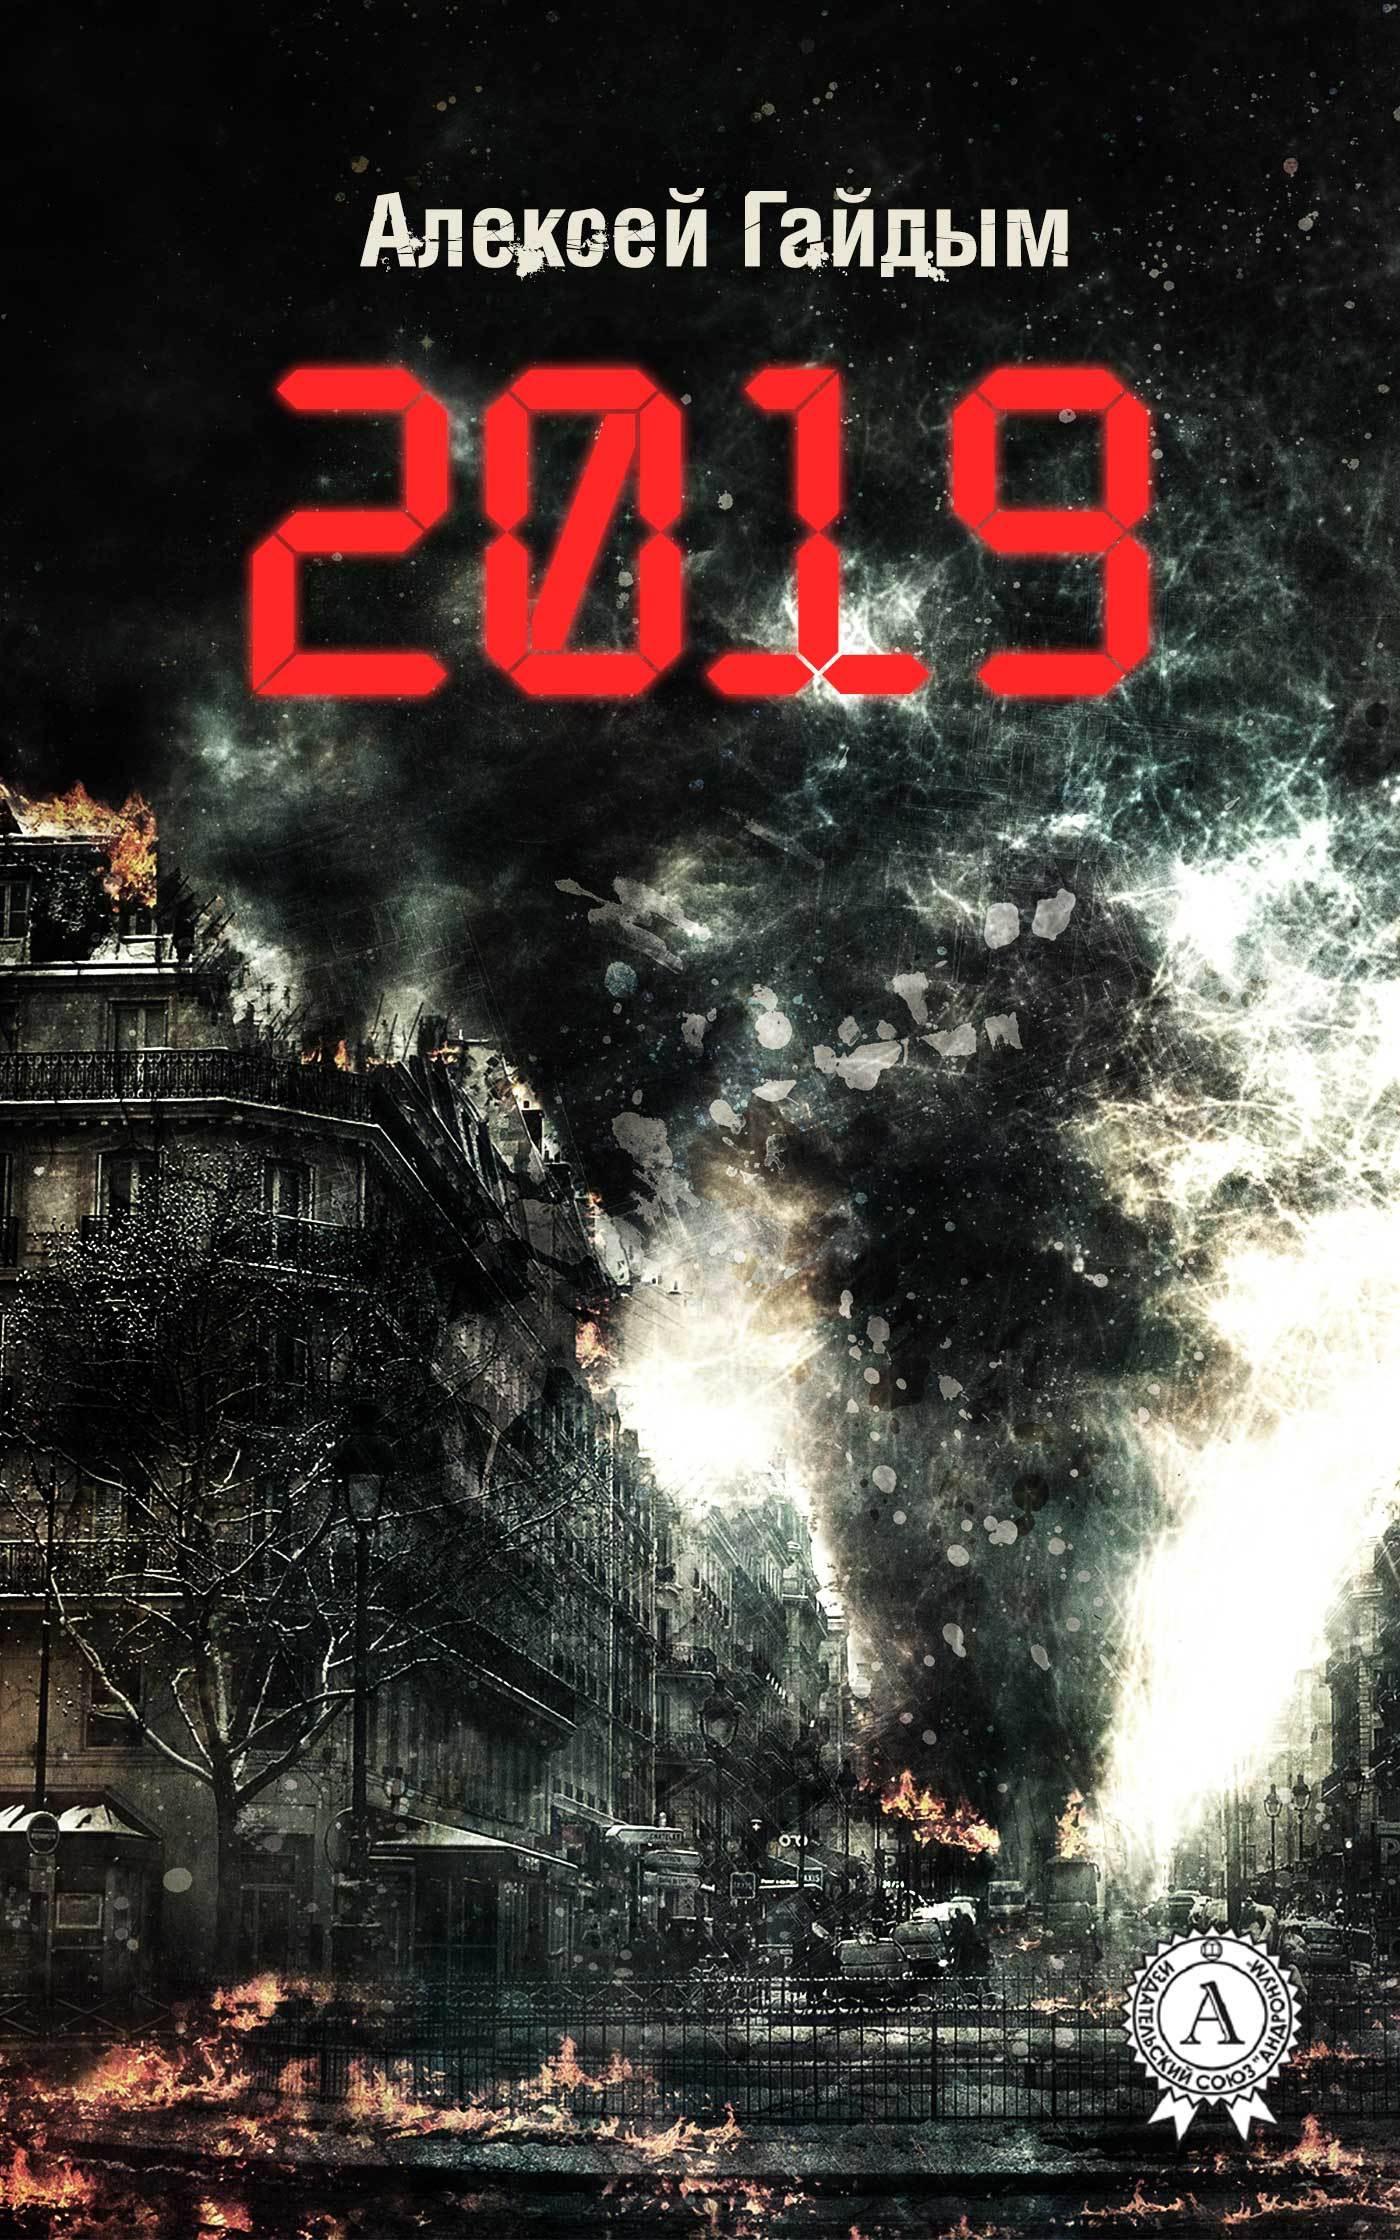 Алексей Гайдым 2019 без паузы жизнь войной опаленных поэма